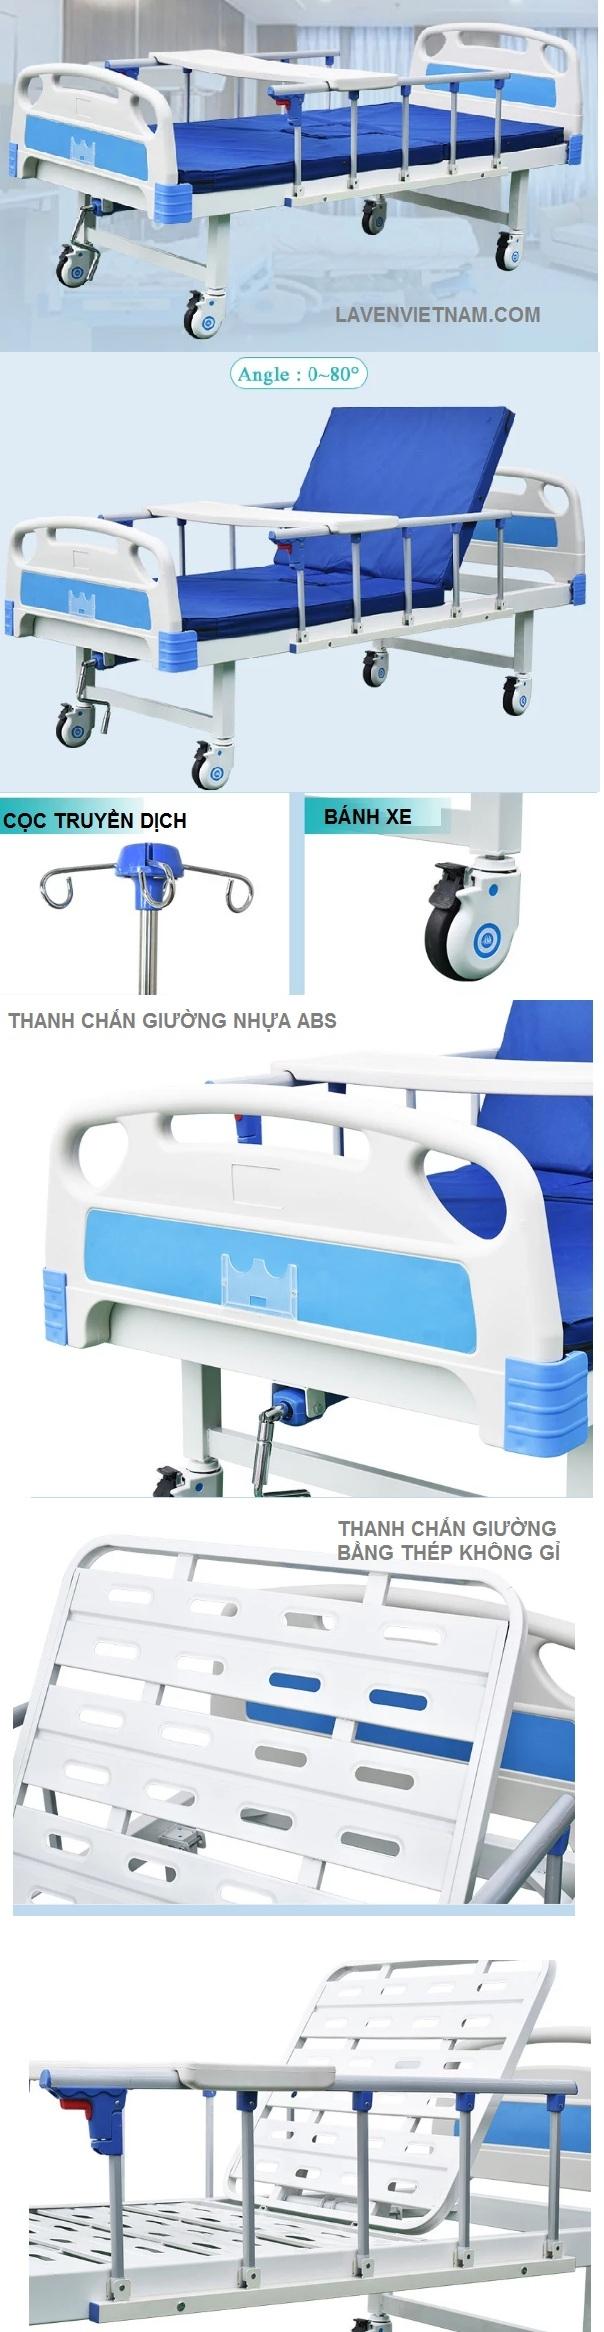 Chi tiết cấu hình và hình ảnh Giường bệnh nhân 1 tay quay TaJerMy G01B